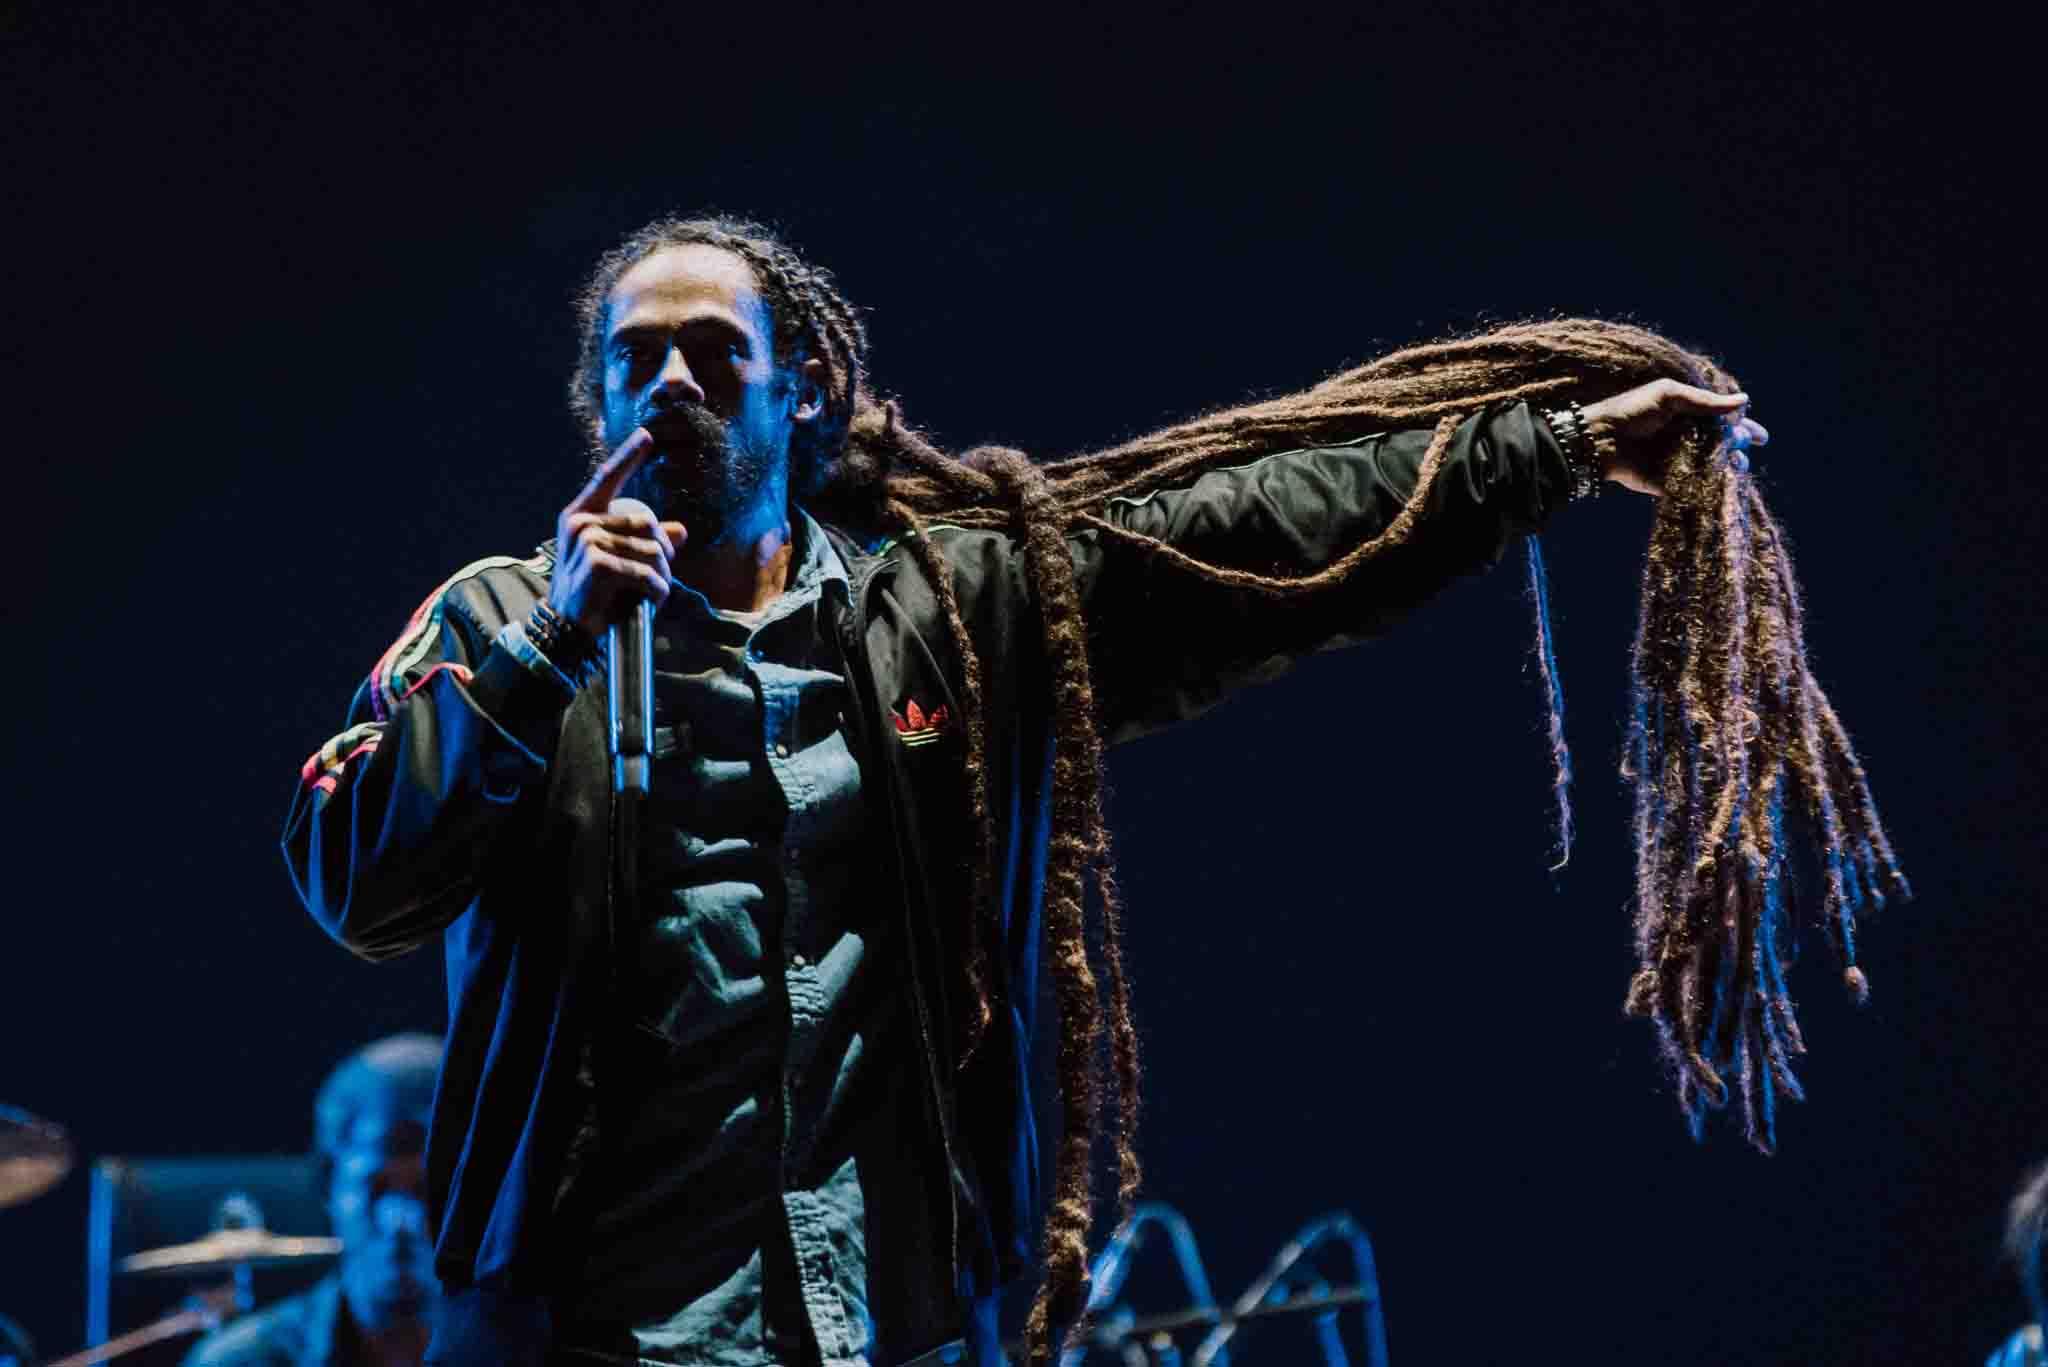 """Damian Marley, pentru prima dată în România, la Electric Castle: """"Muzica e un instrument al schimbării. Muzica poate ajuta umanitatea să progreseze"""""""